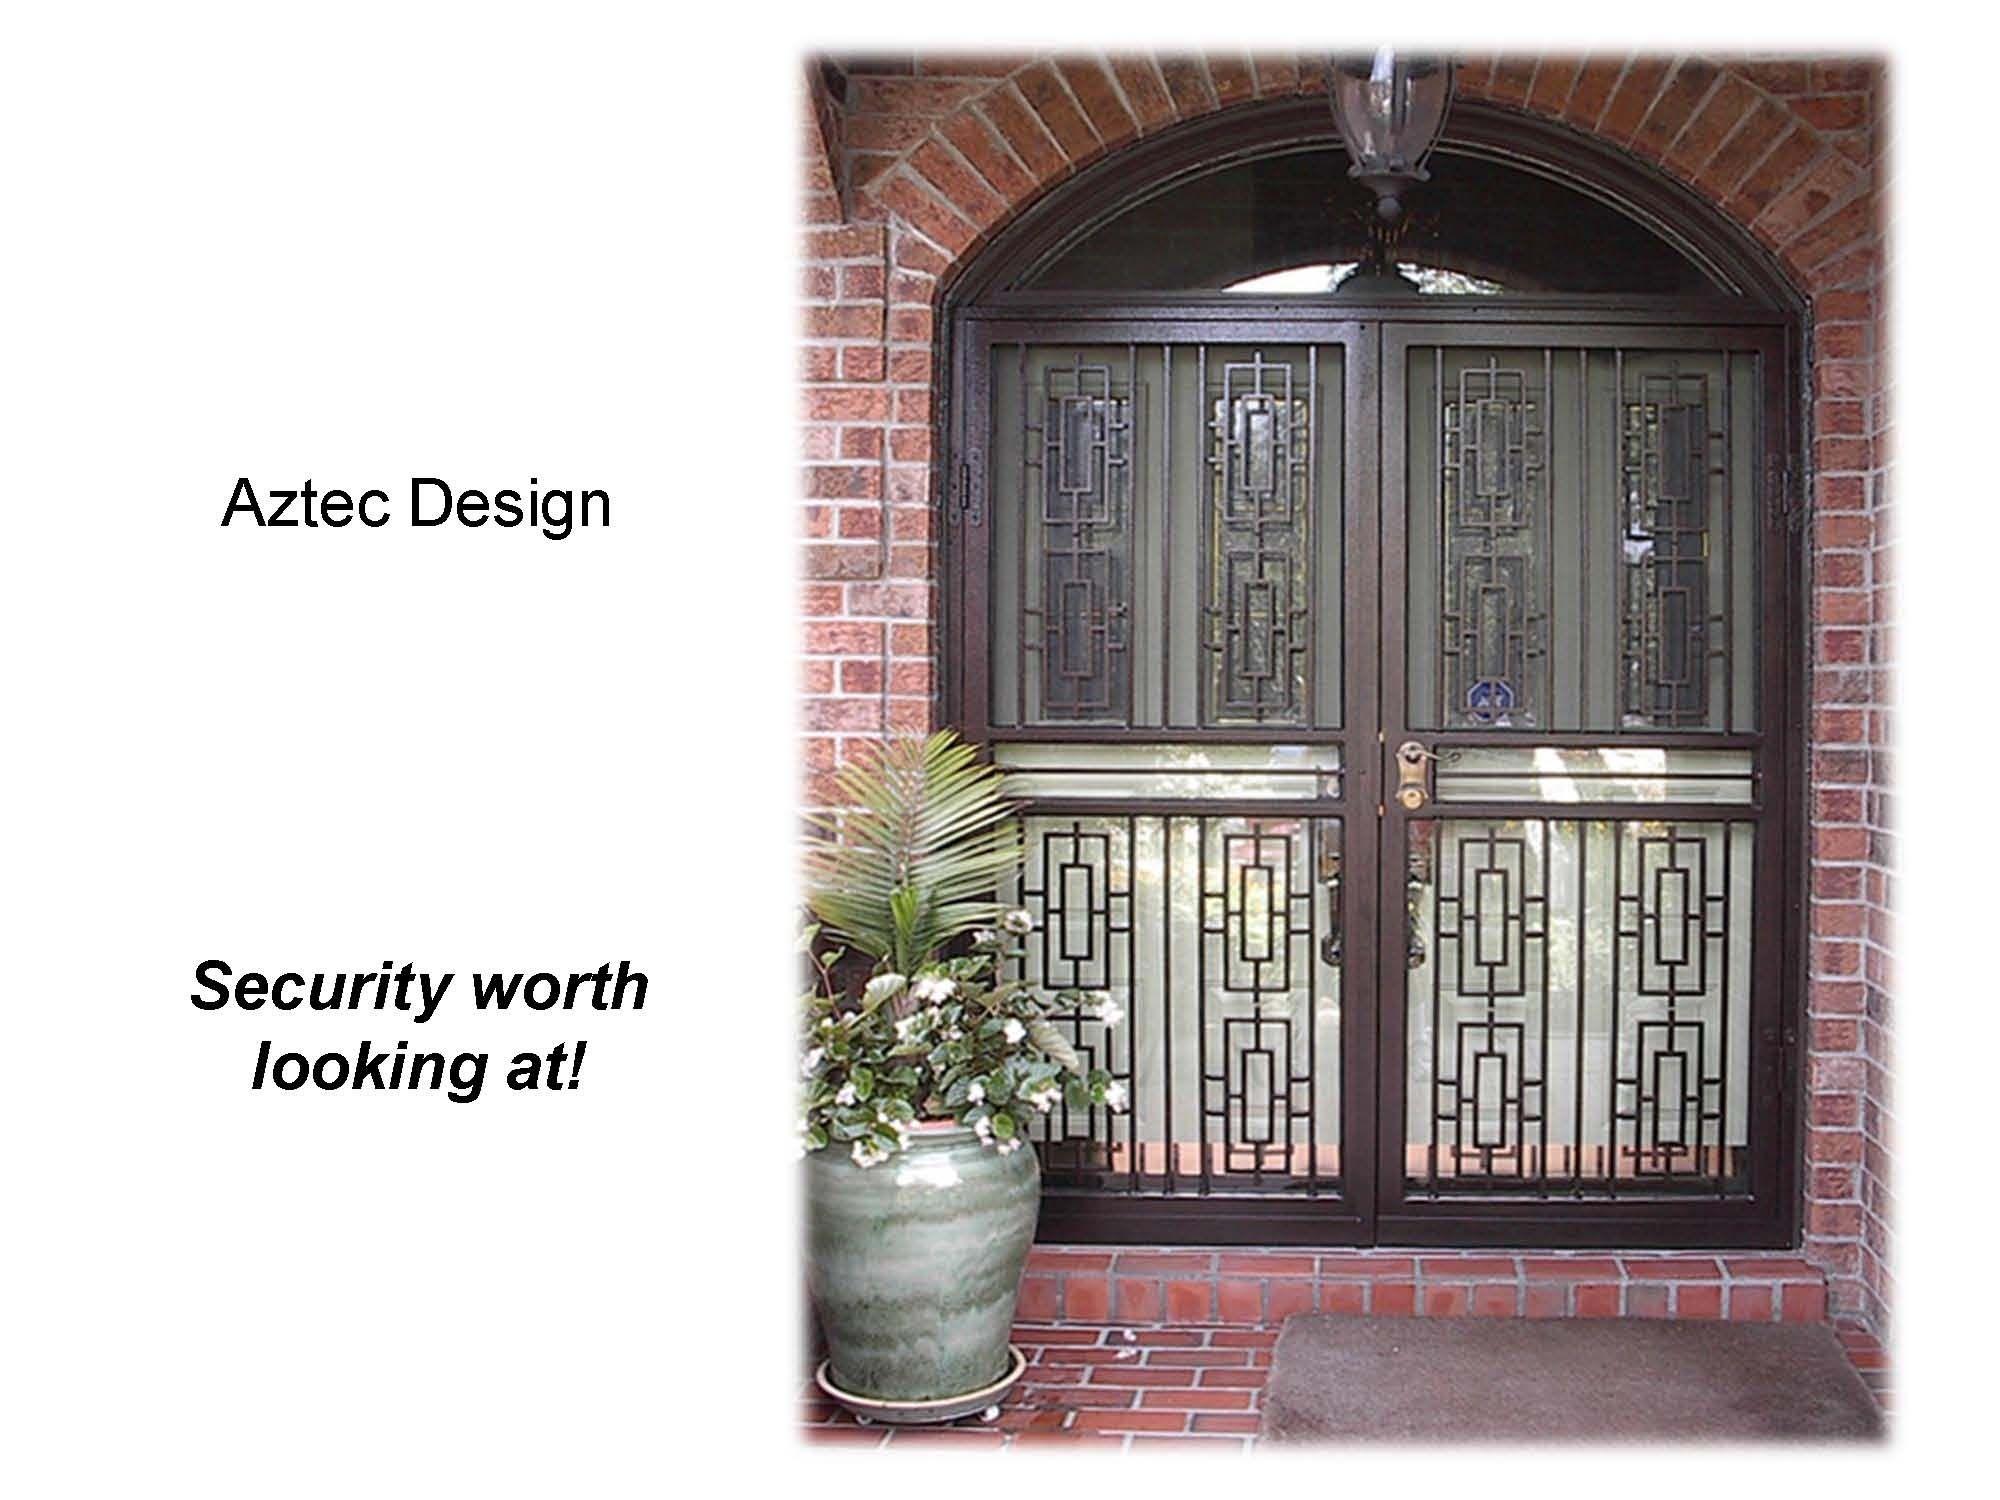 Page 8 Aztec Double Door With Transom www.MetalexDoors.com  #securitydoors #Door #security #Stormdoors #physicalsecurity #crimeprevention